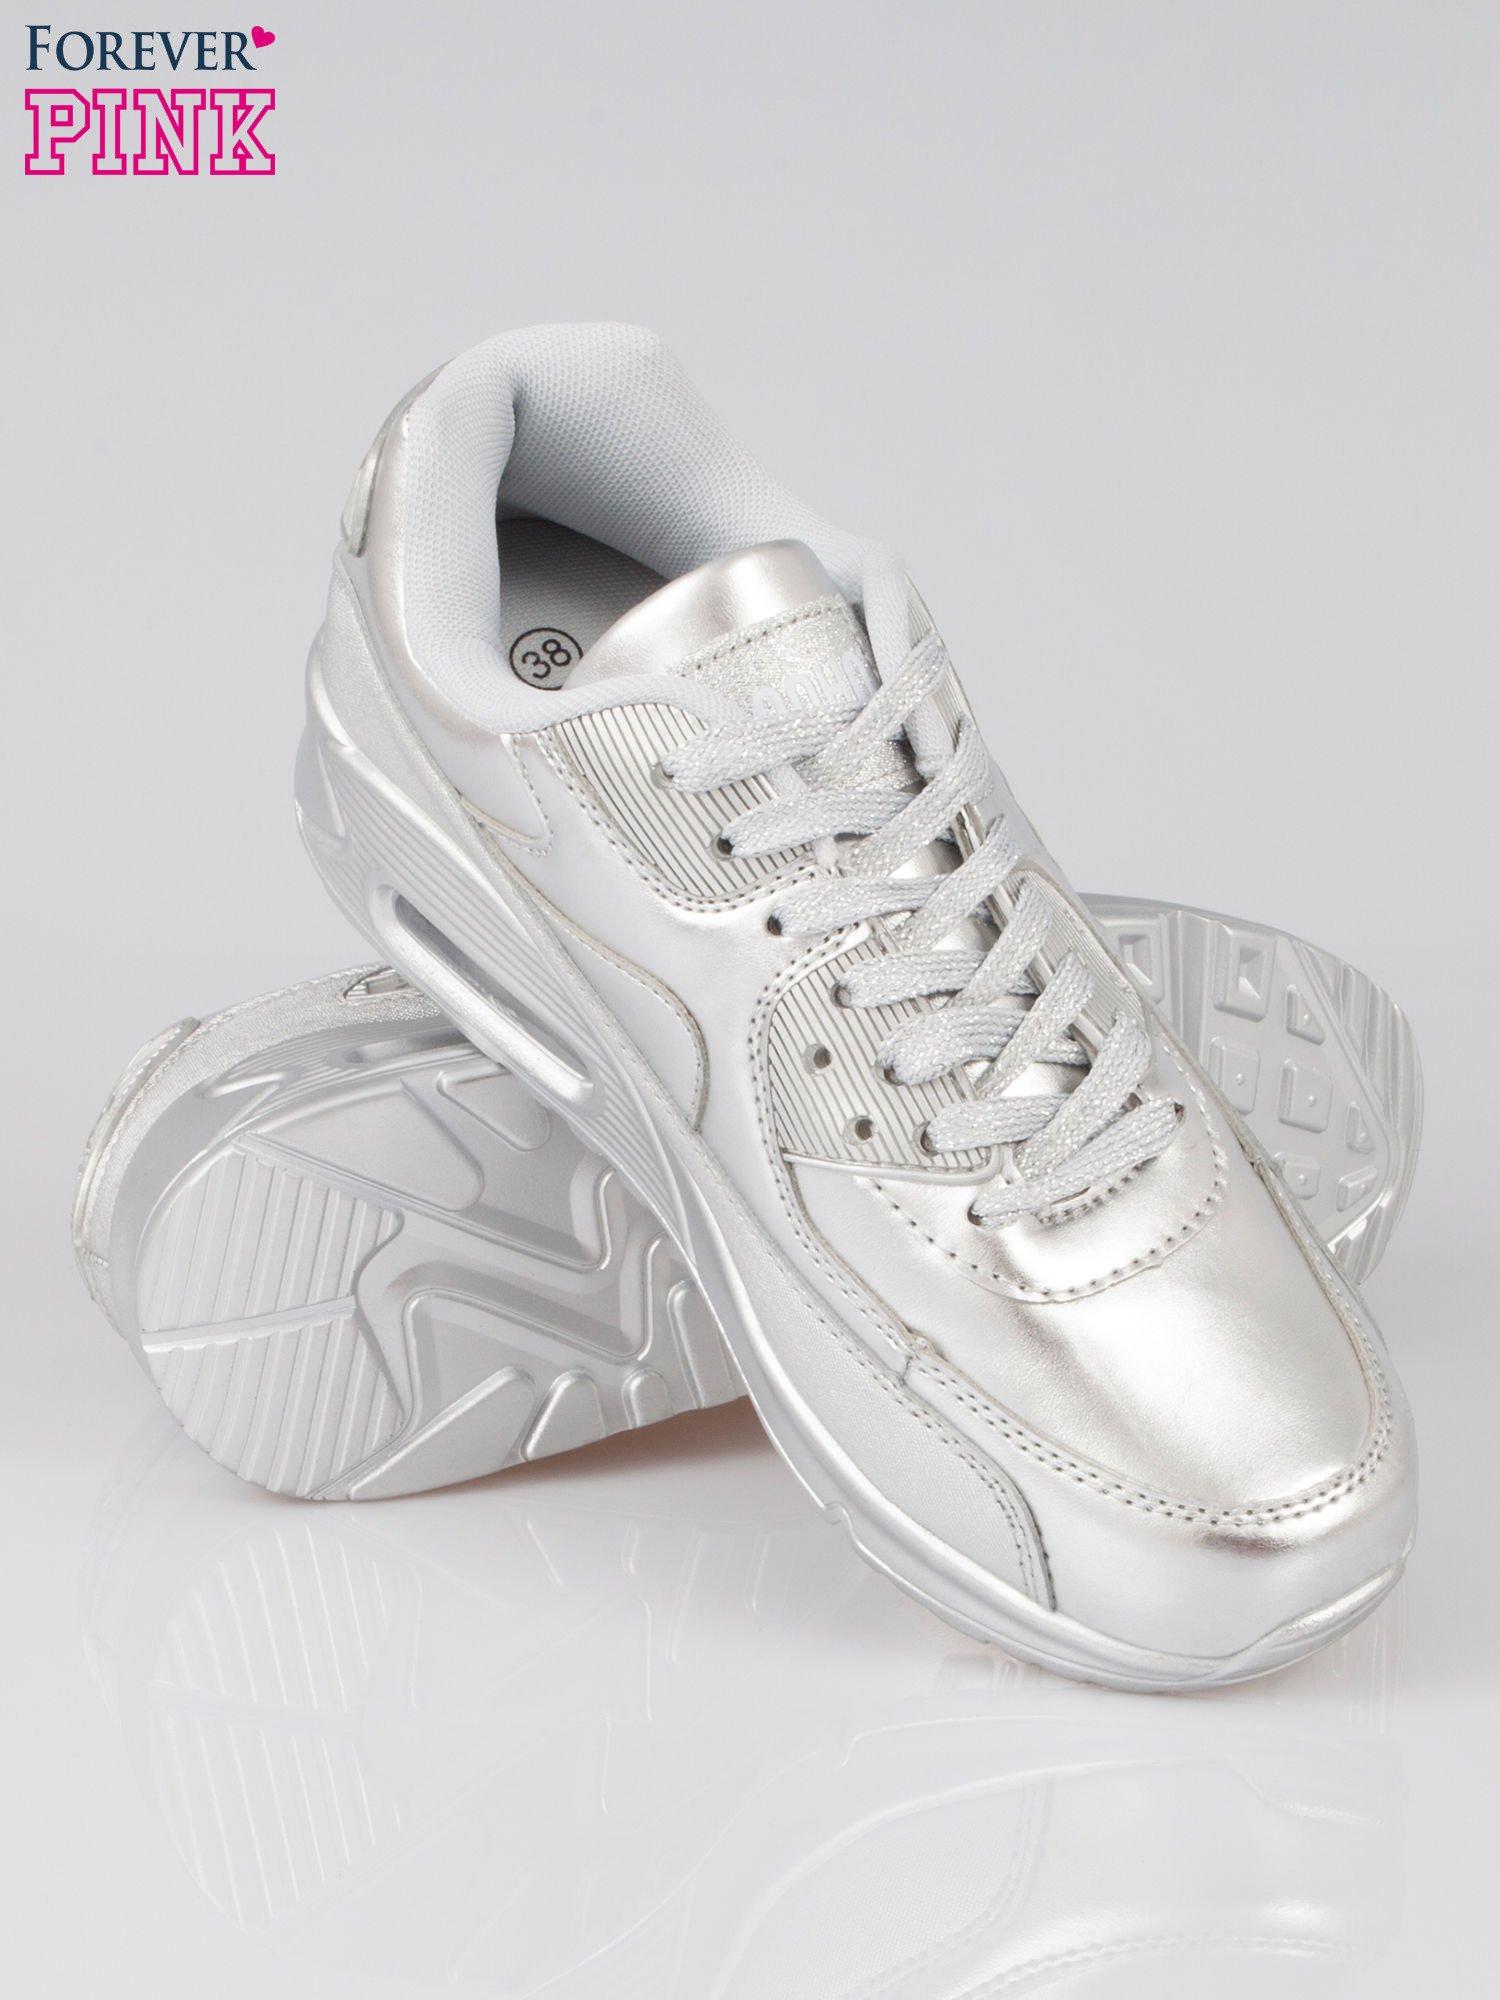 Srebrne buty sportowe faux leather Gigi z poduszką powietrzną w pięcie                                  zdj.                                  4